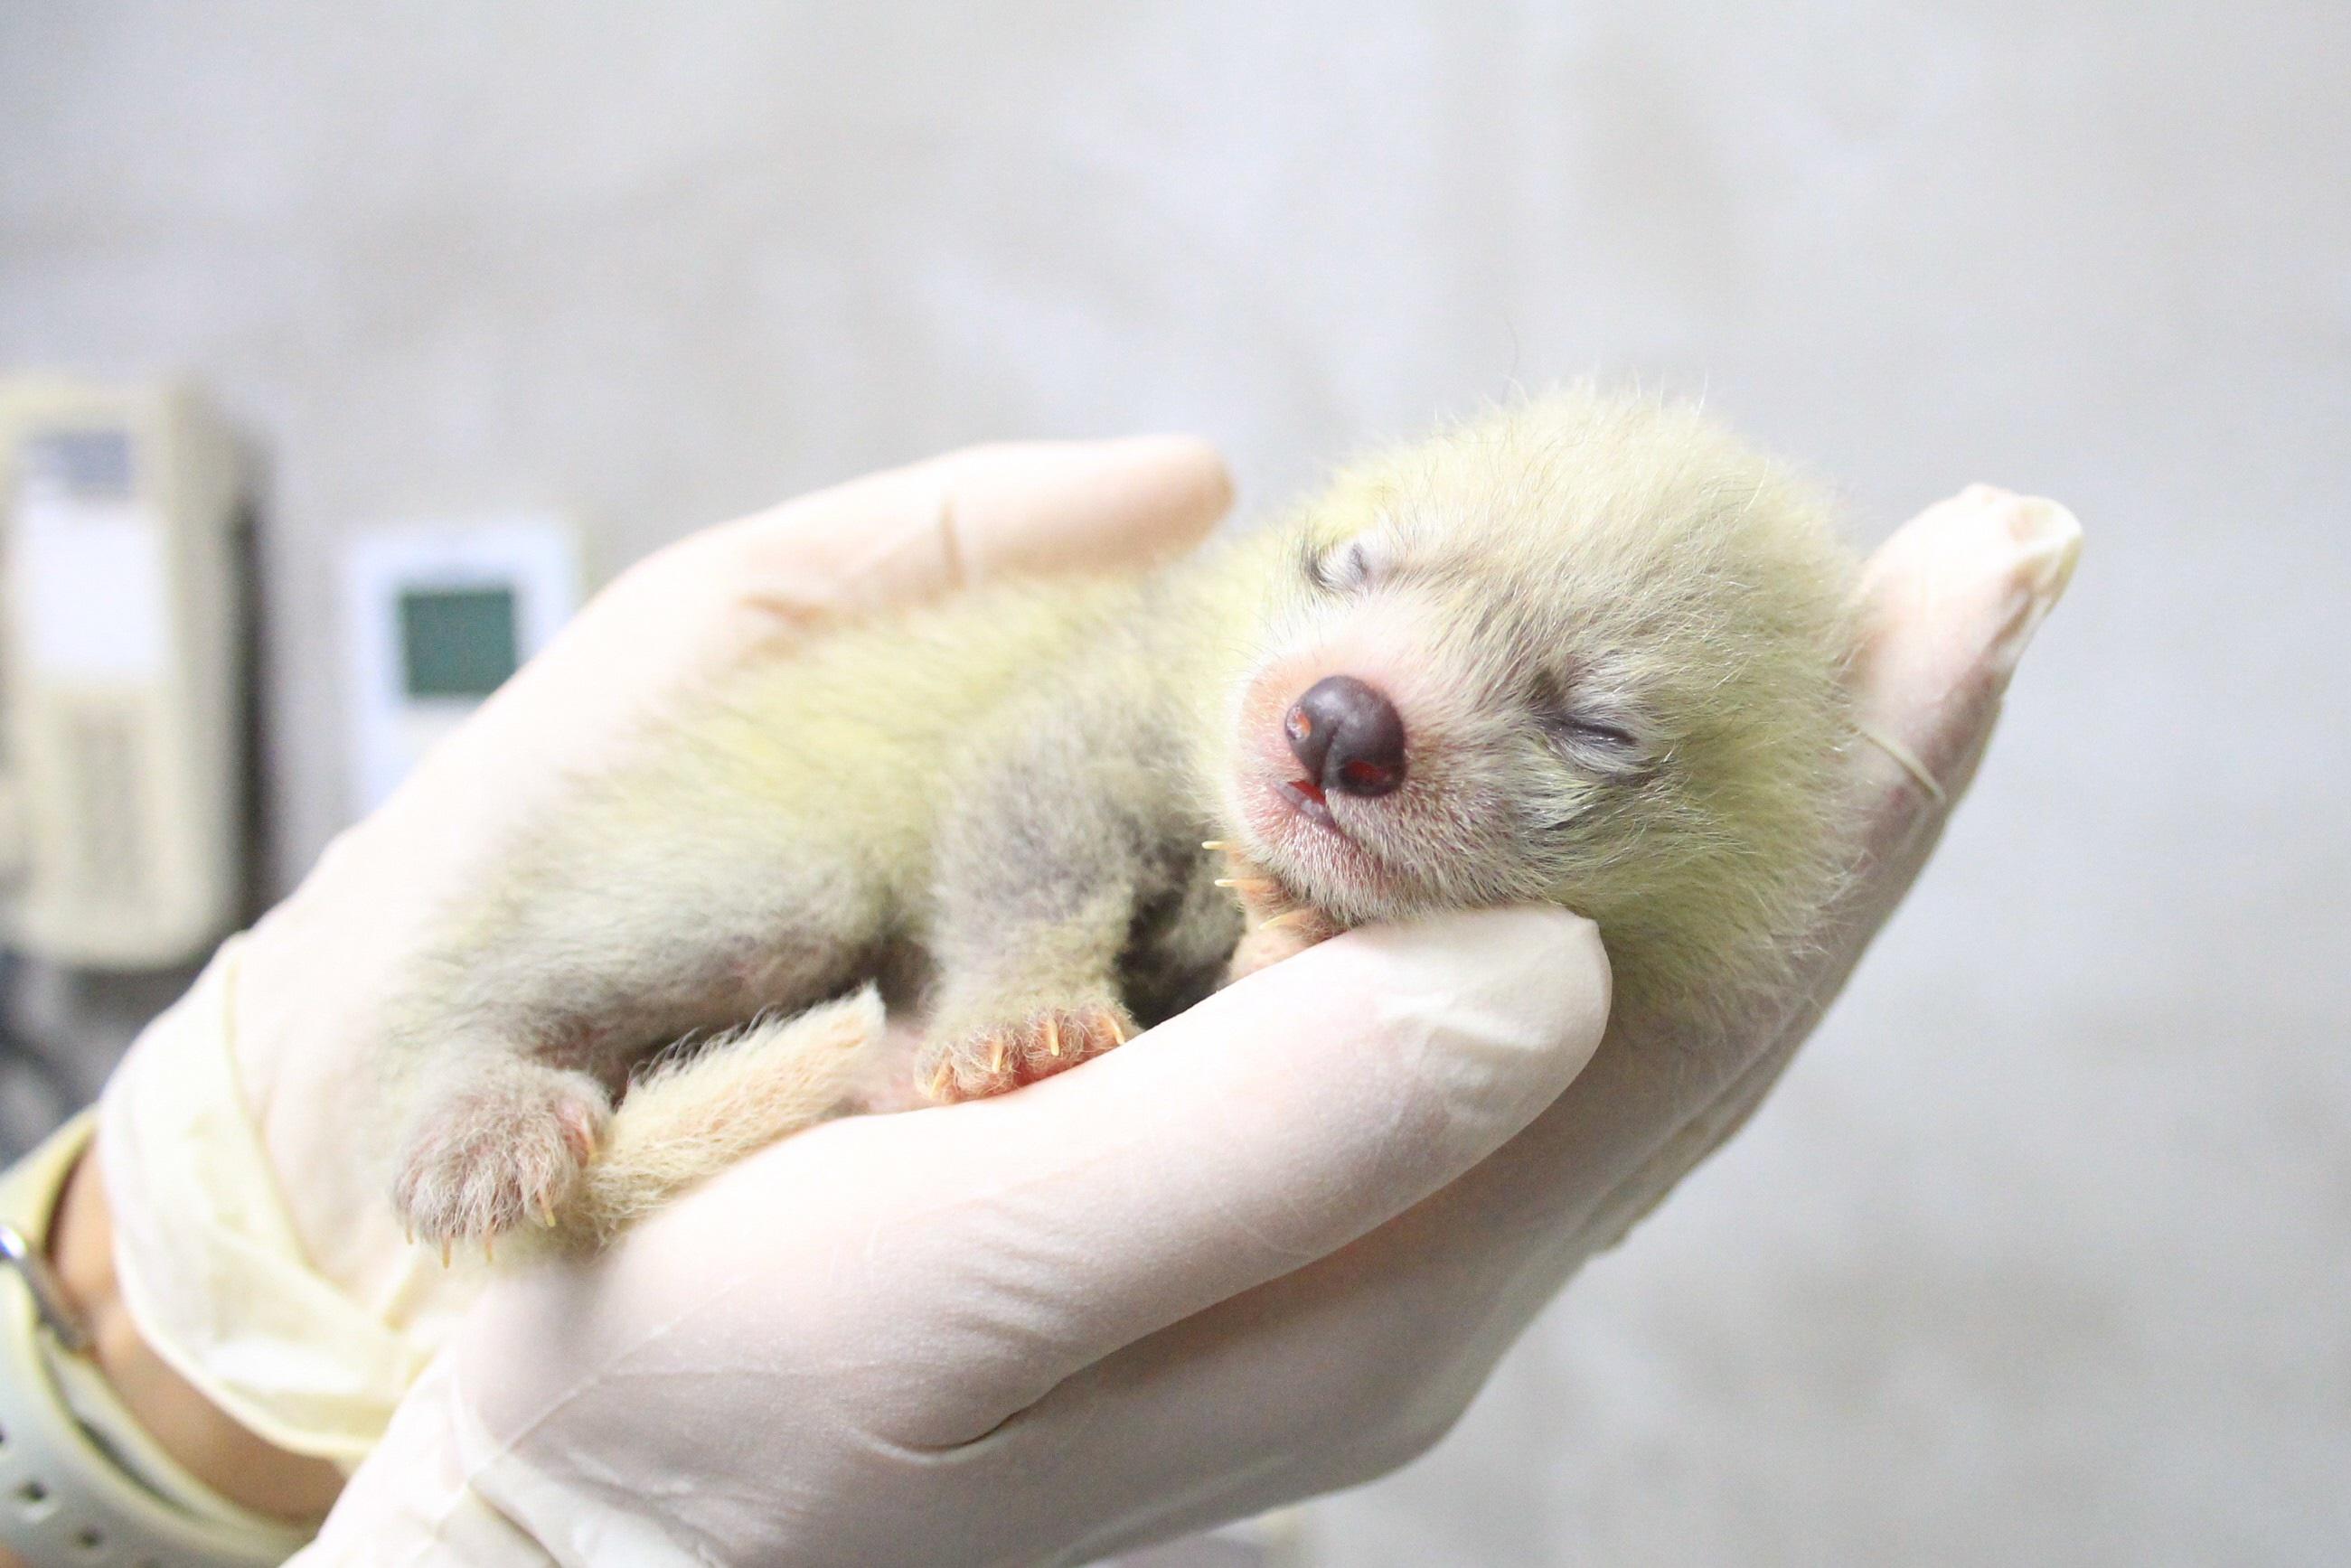 レッサーパンダの赤ちゃん写真公開 日本平動物園ホームページ 画像1